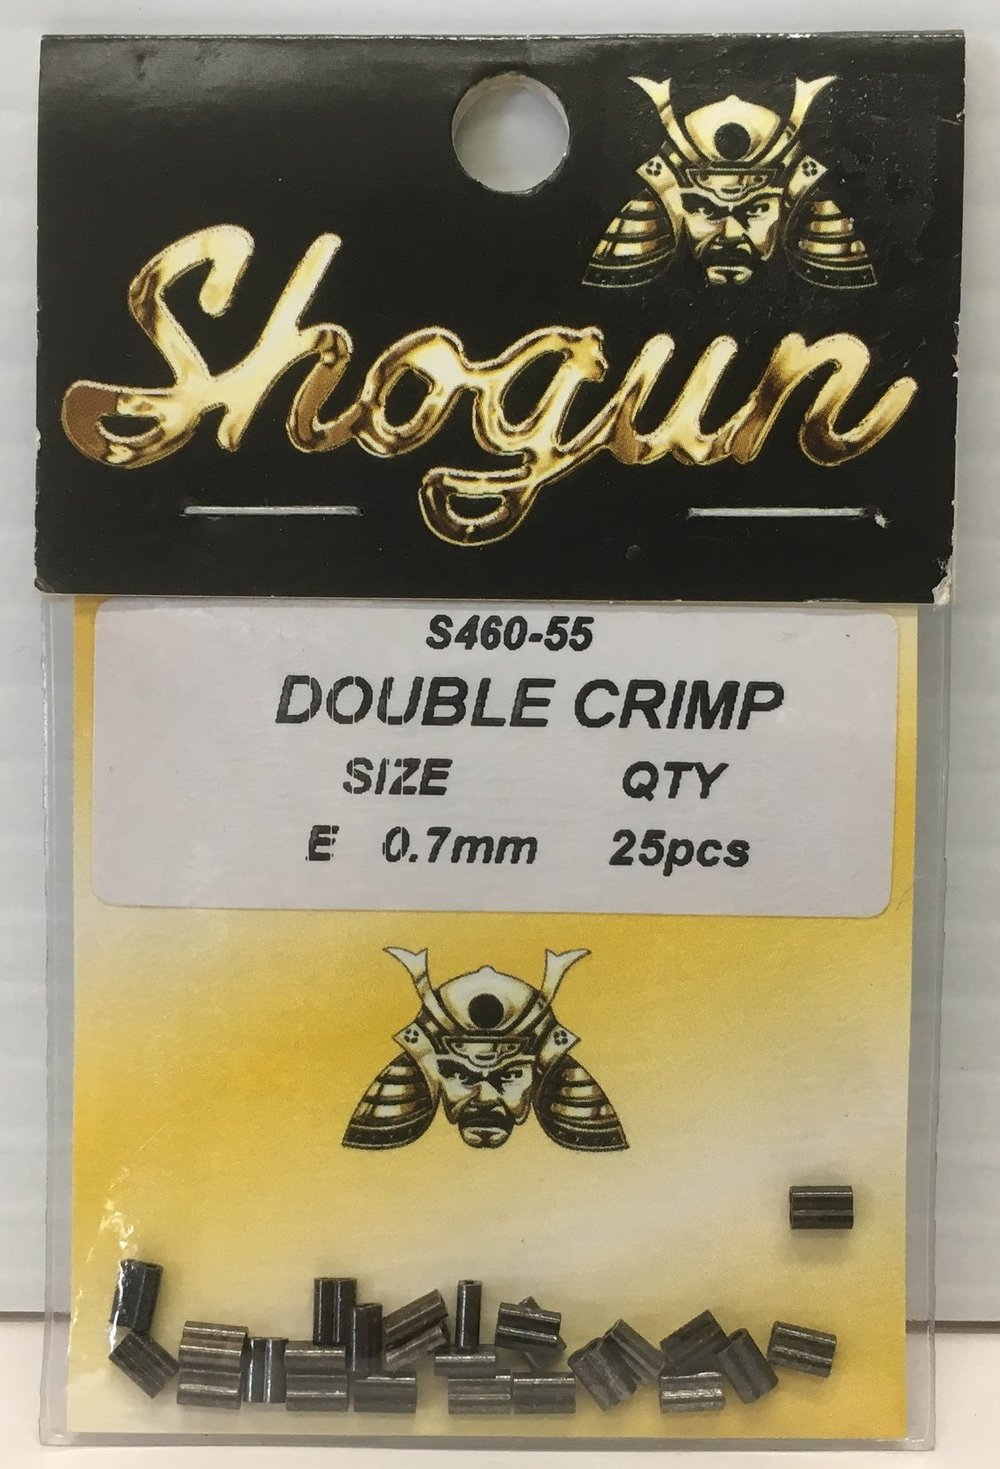 Shogun Double Crimp 0.7mm x 25pcs AND 1.3mm x 25pcs